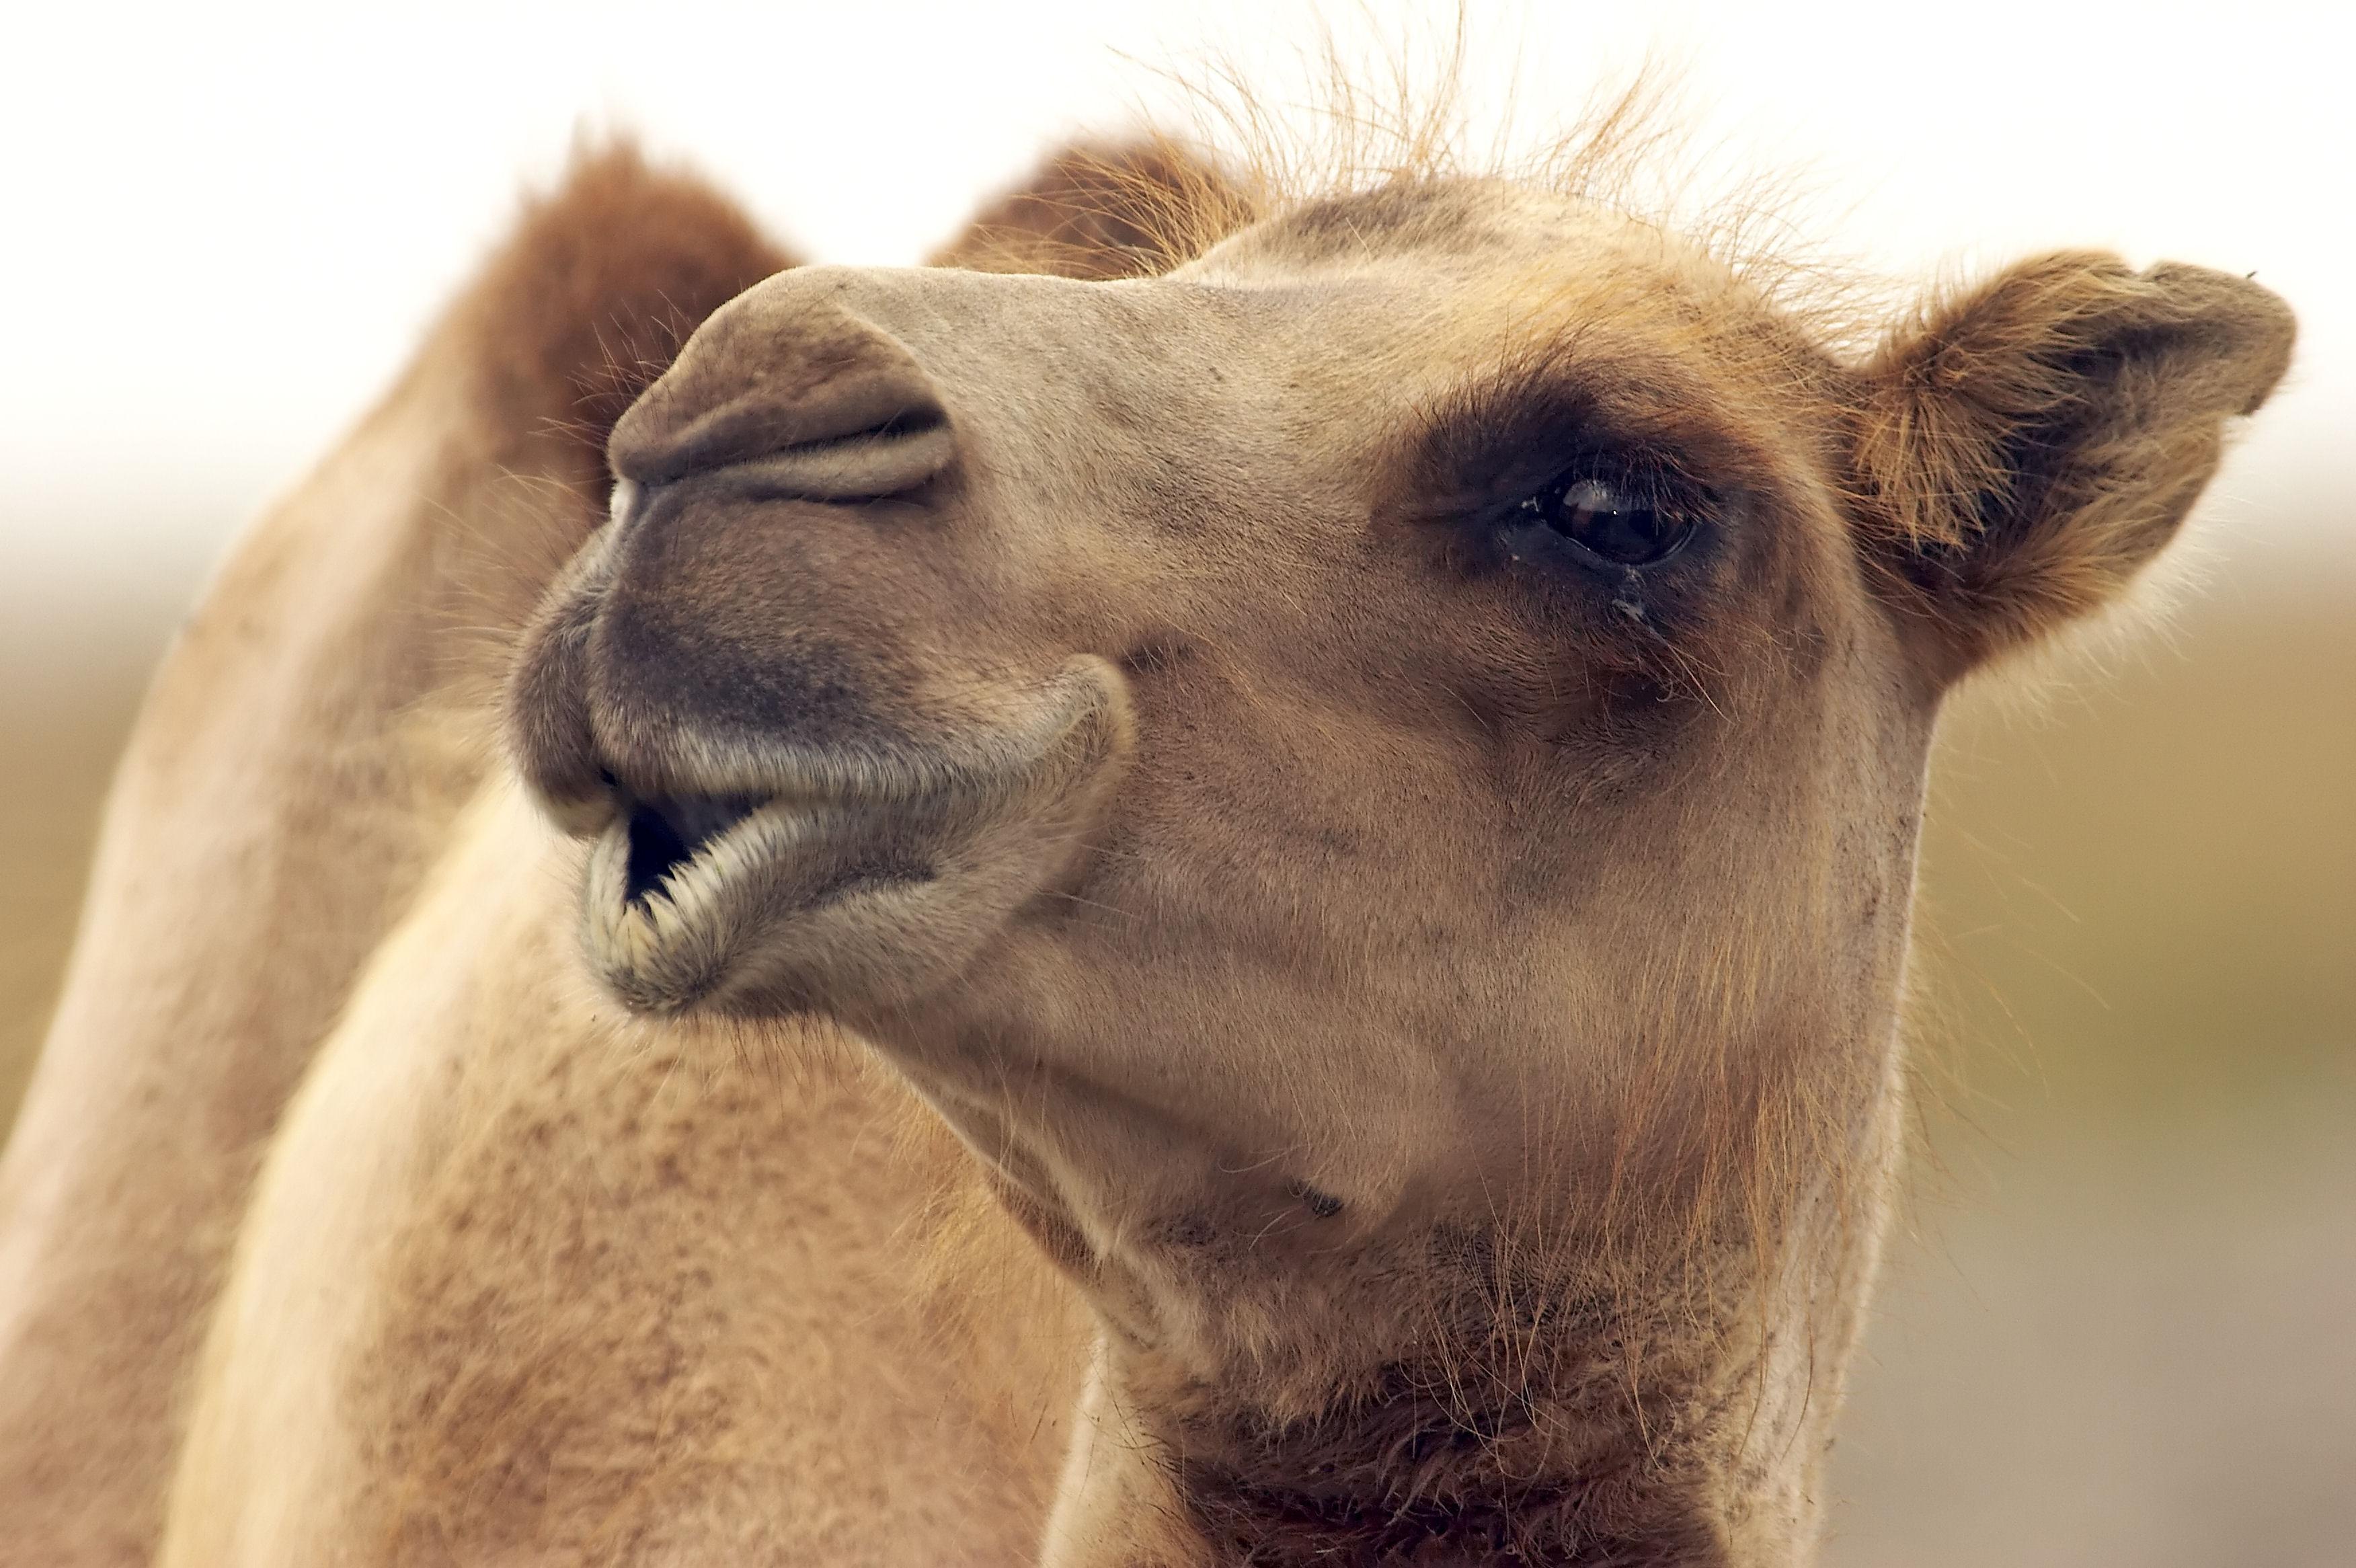 Camel in Kuwait